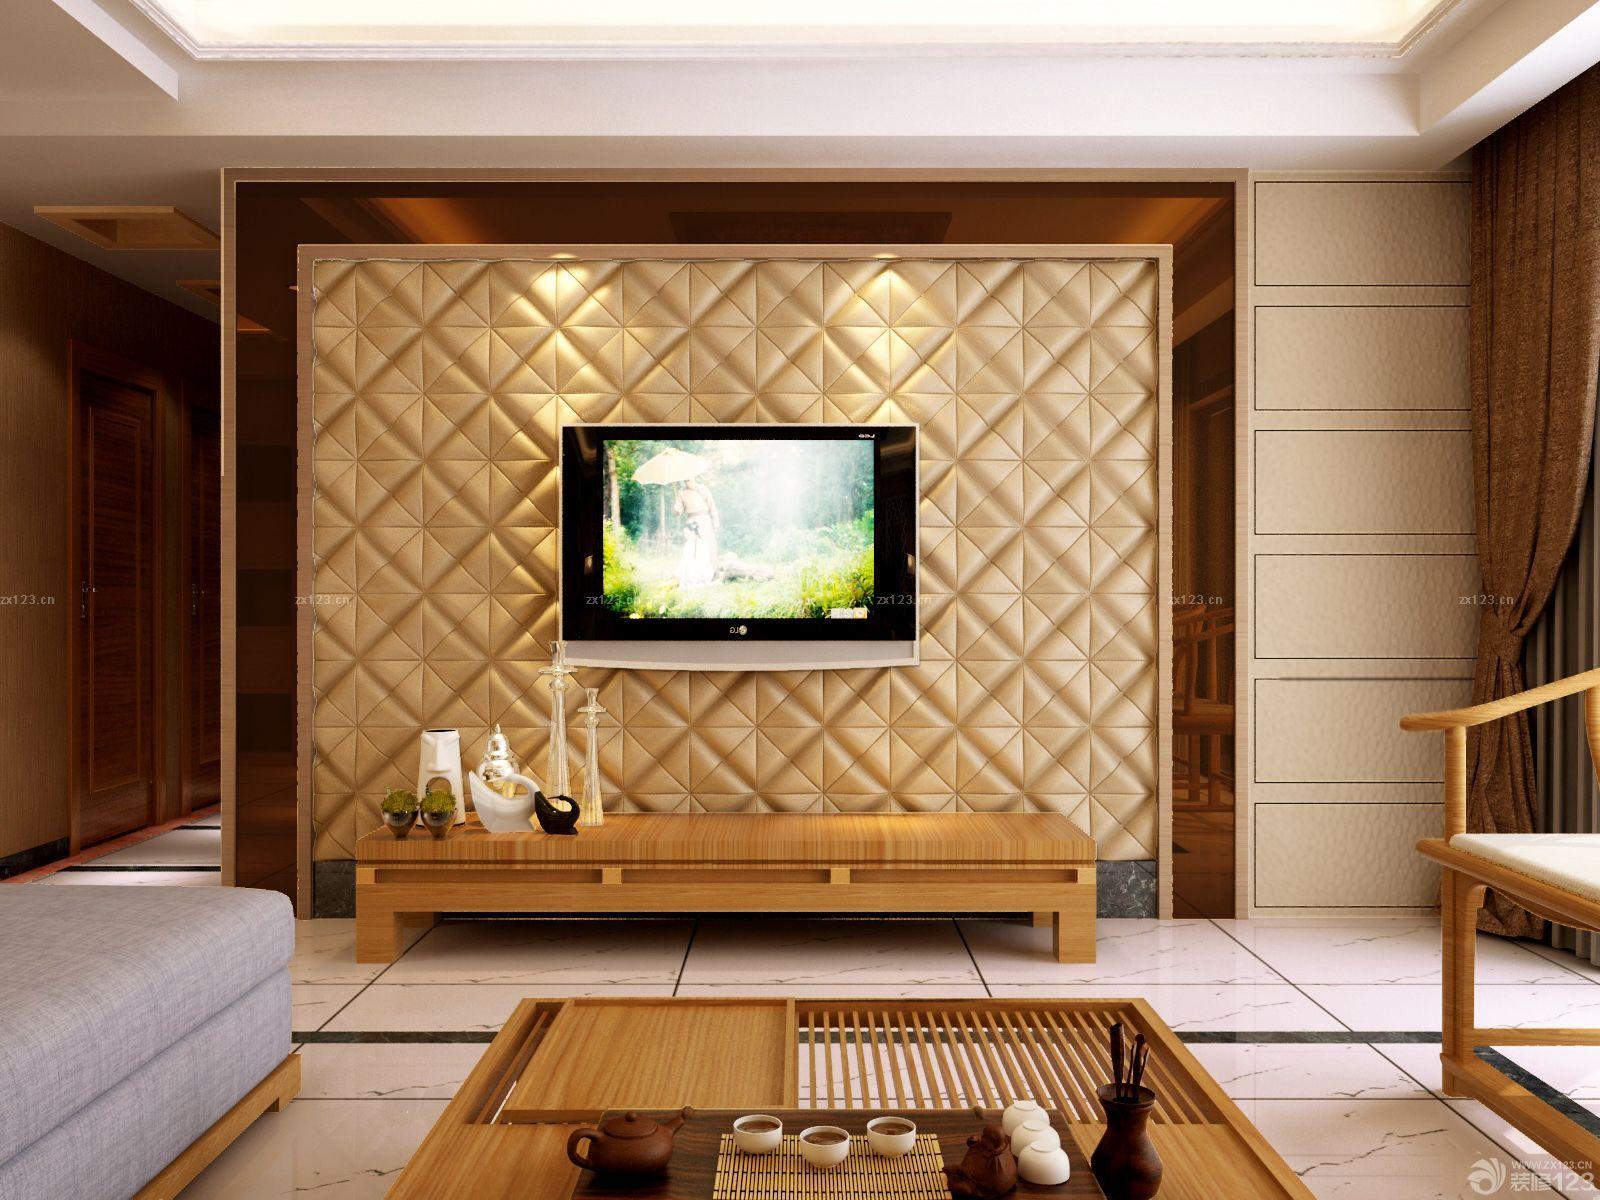 新中式风格电视背景墙设计图